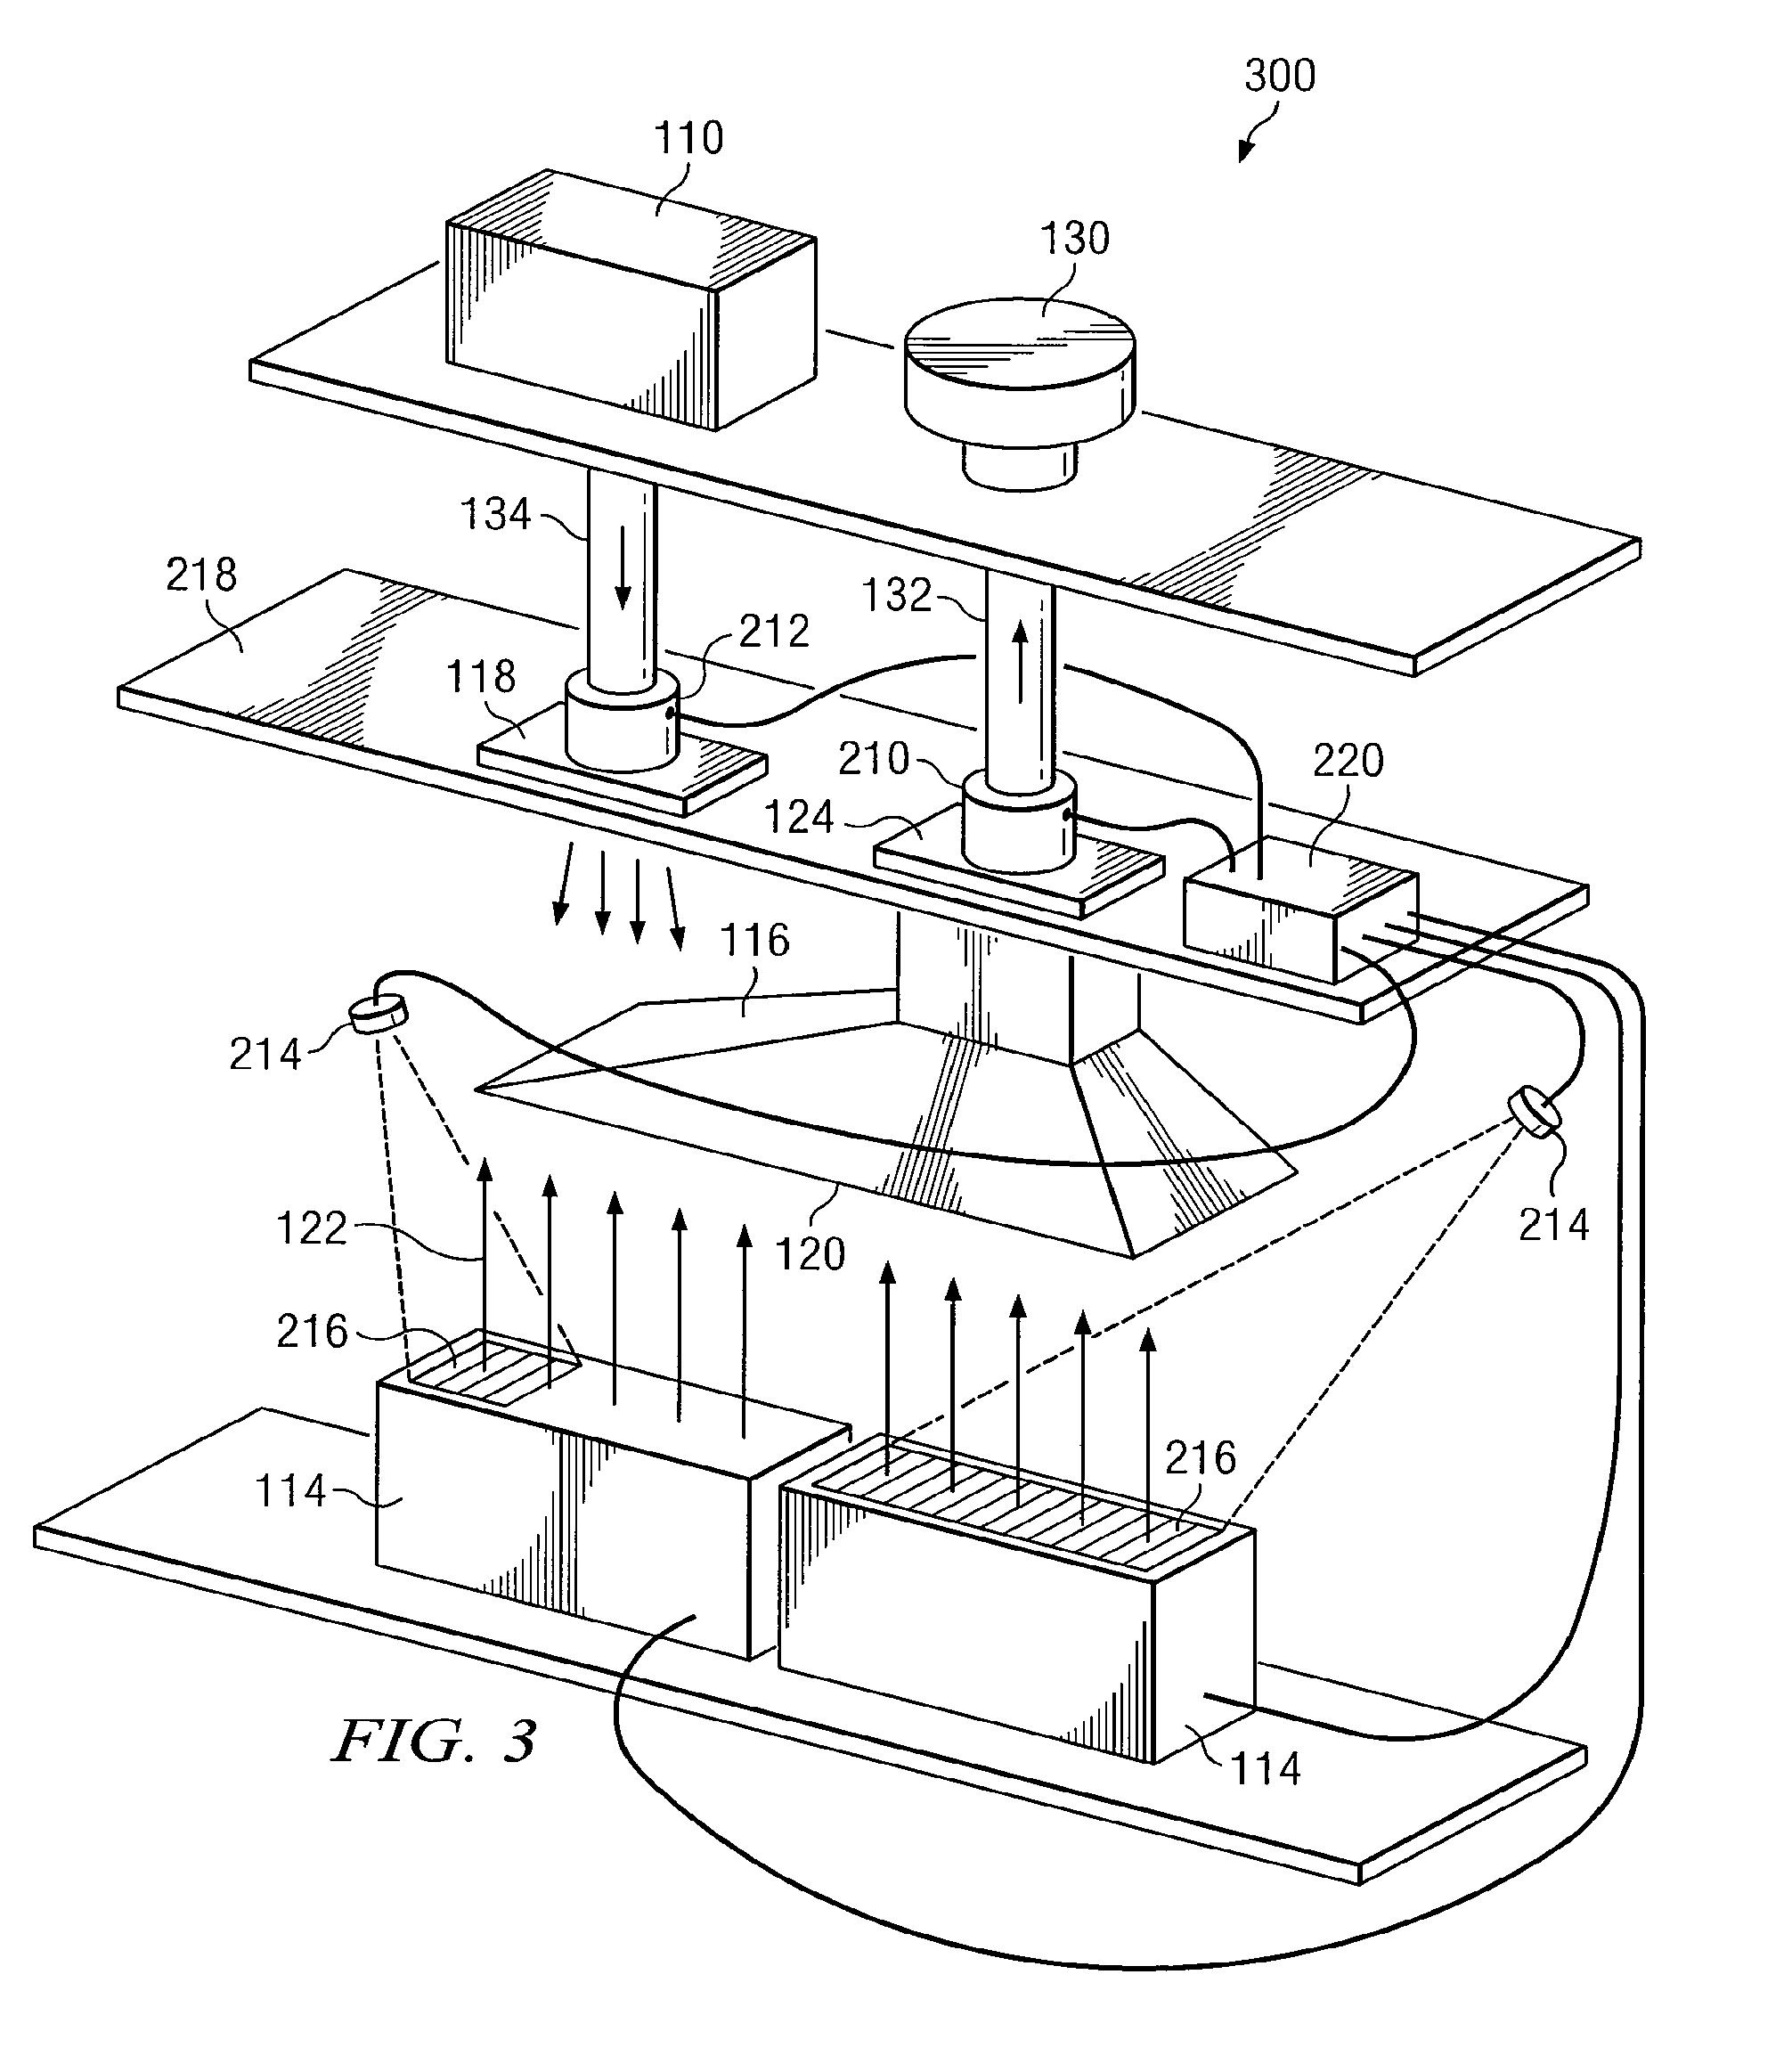 patent us autonomous ventilation system patents patent drawing